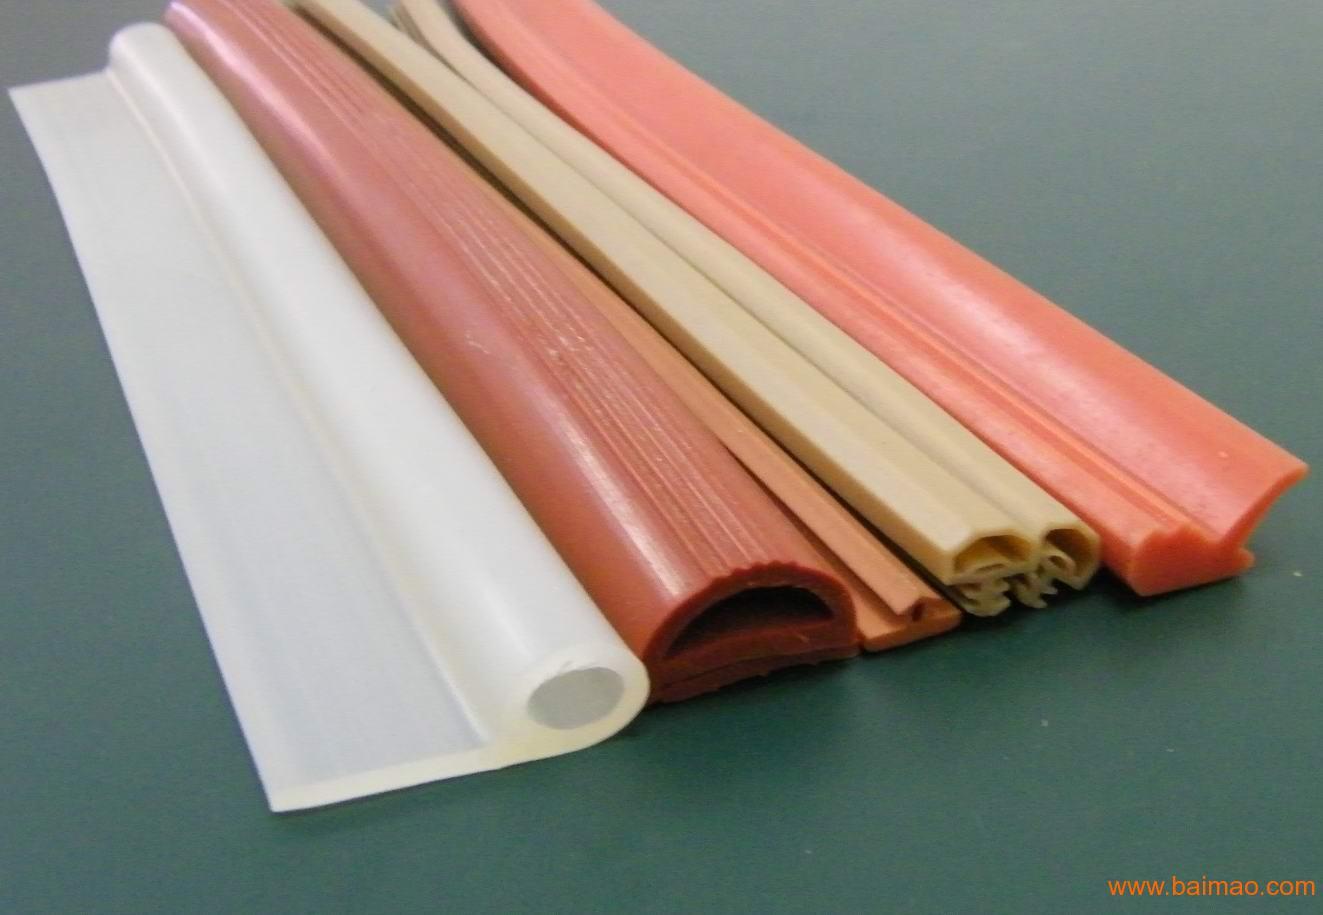 厂家订制硅胶异形管 硅胶异形条 硅胶管 硅胶条